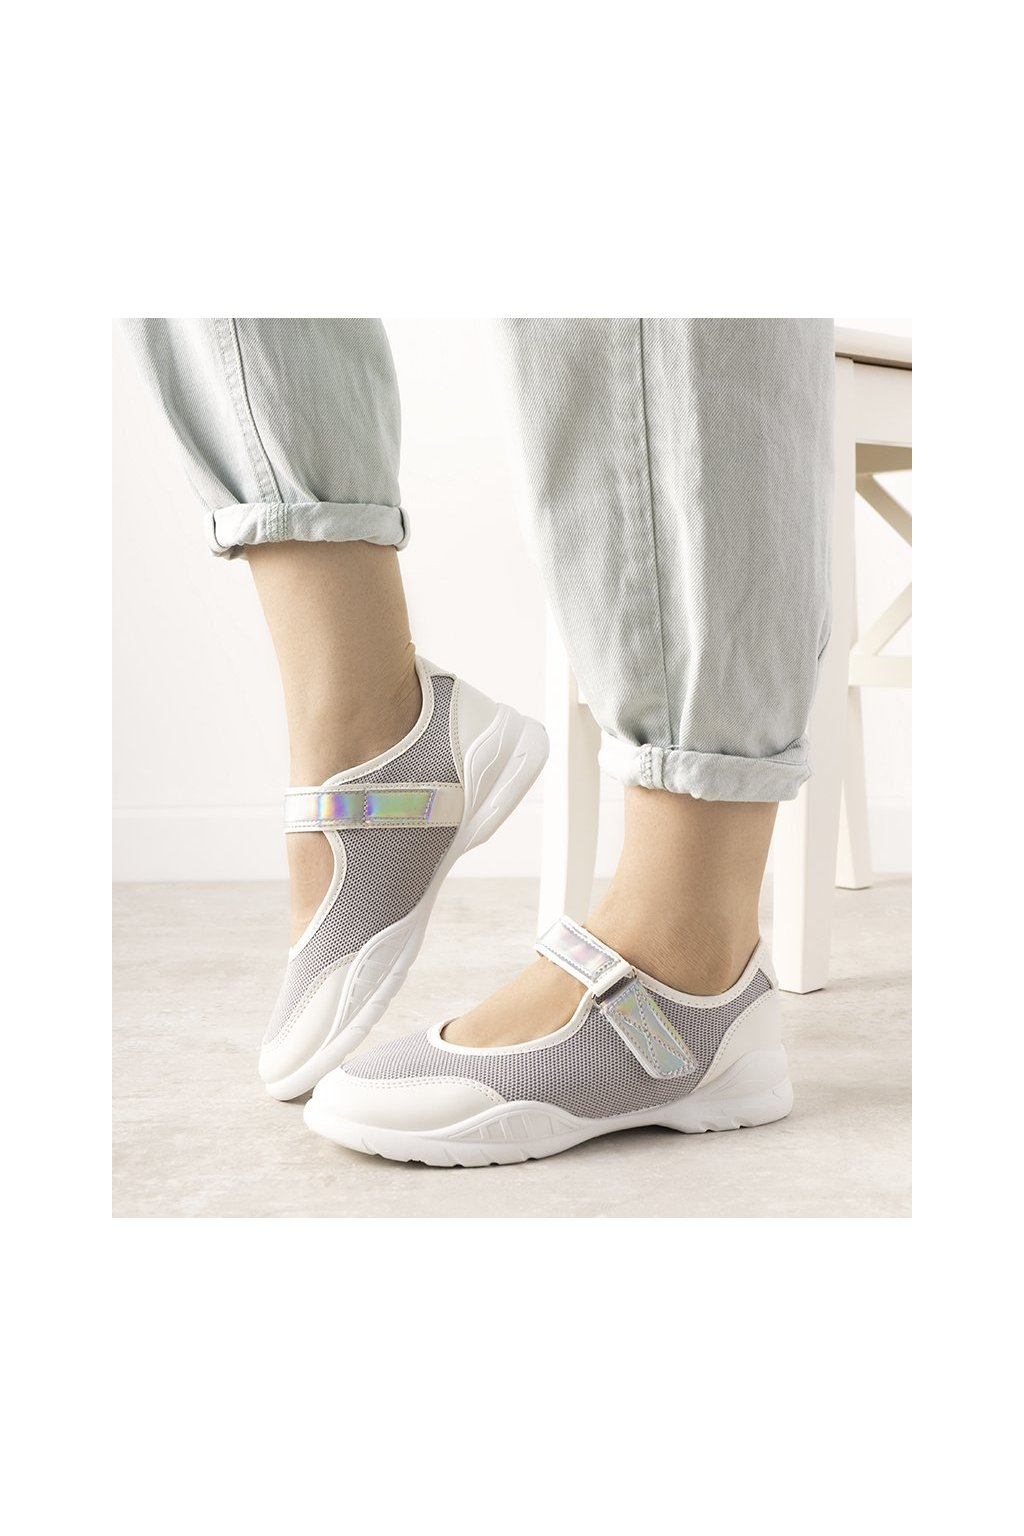 Dámske topánky tenisky sivé kód WH3101 - GM